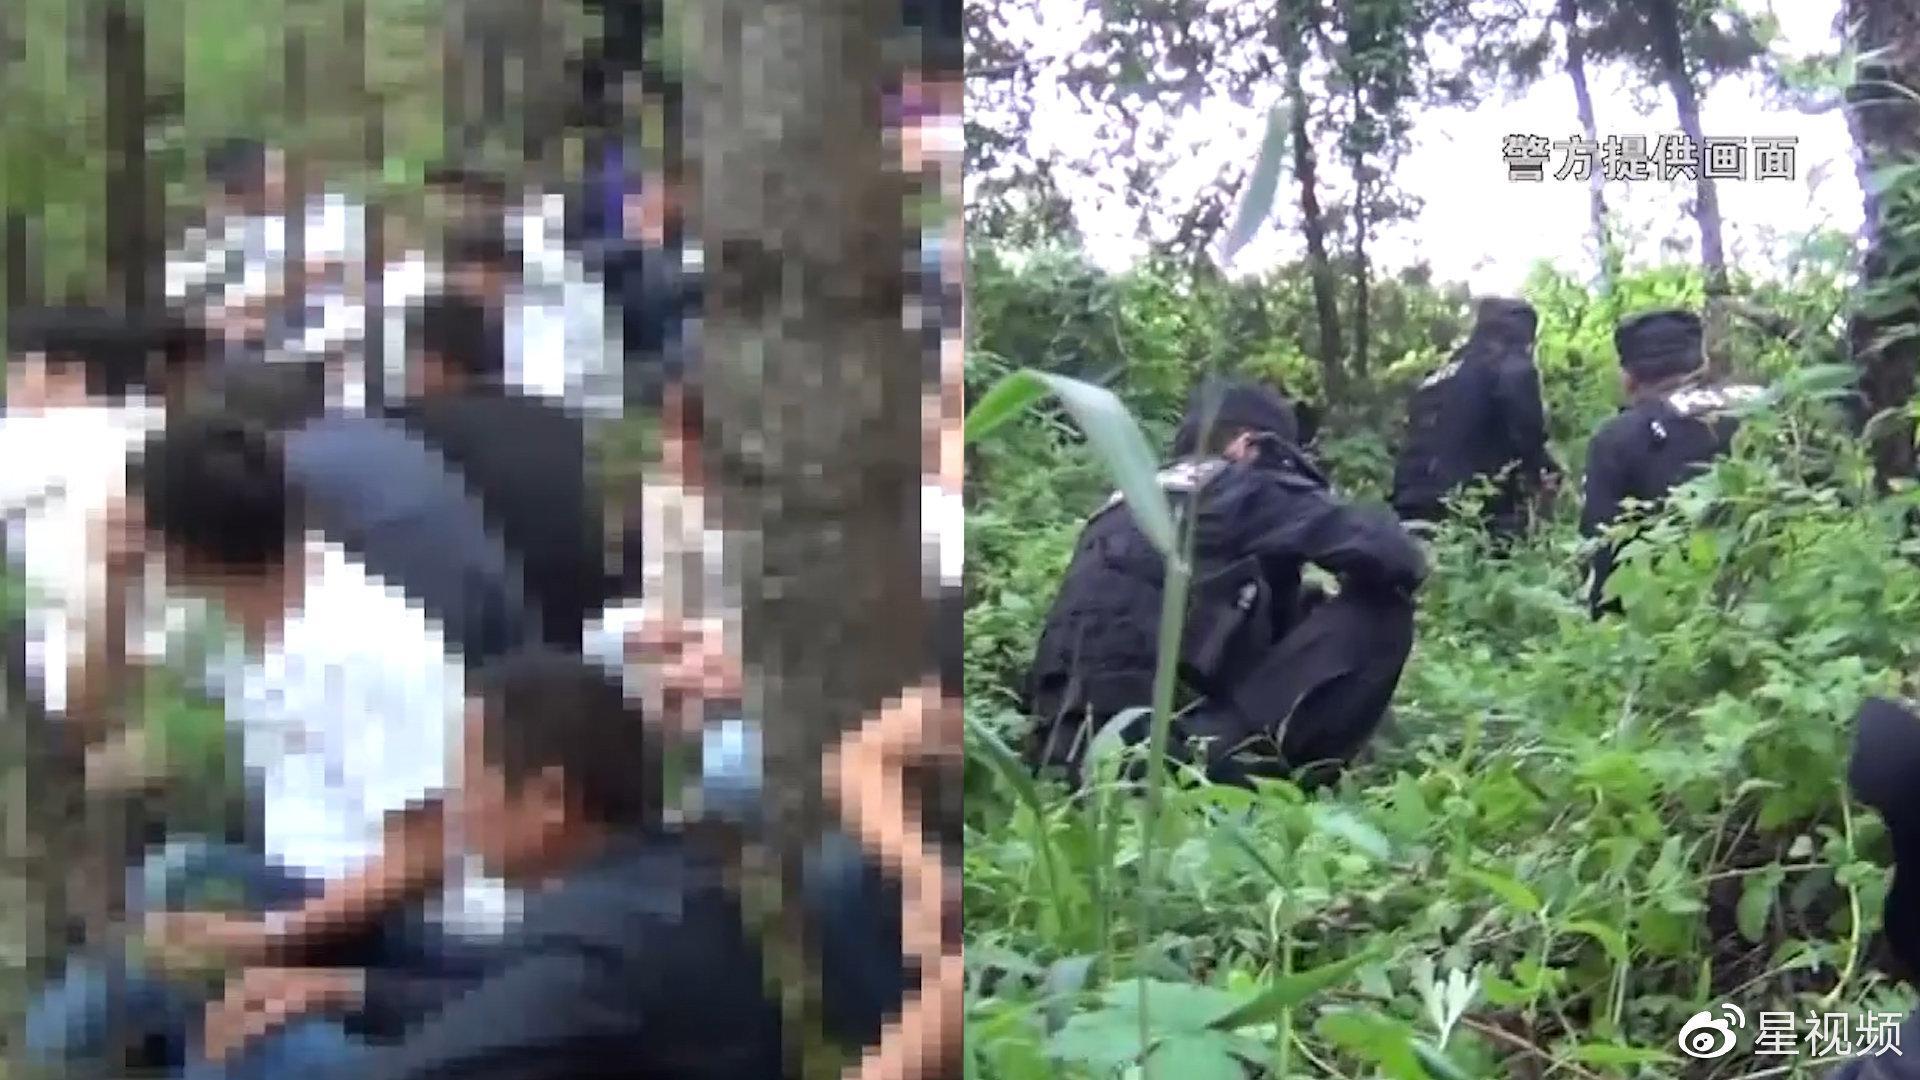 70个男男女女诡异出没山林中,90名警力深山里抓捕,场面刺激